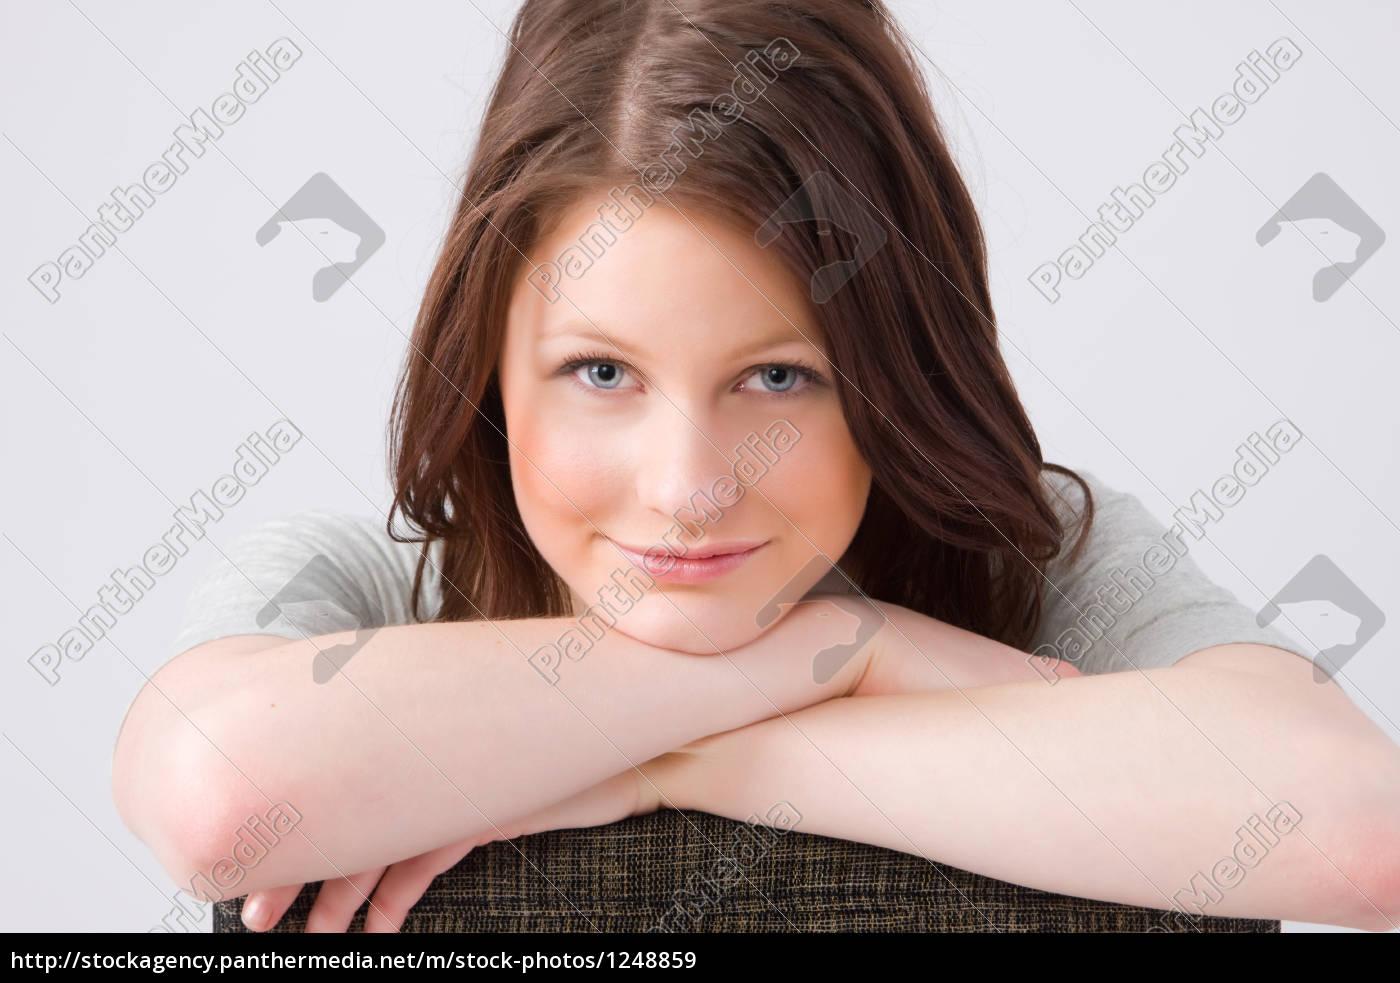 young, beautiful, woman - 1248859